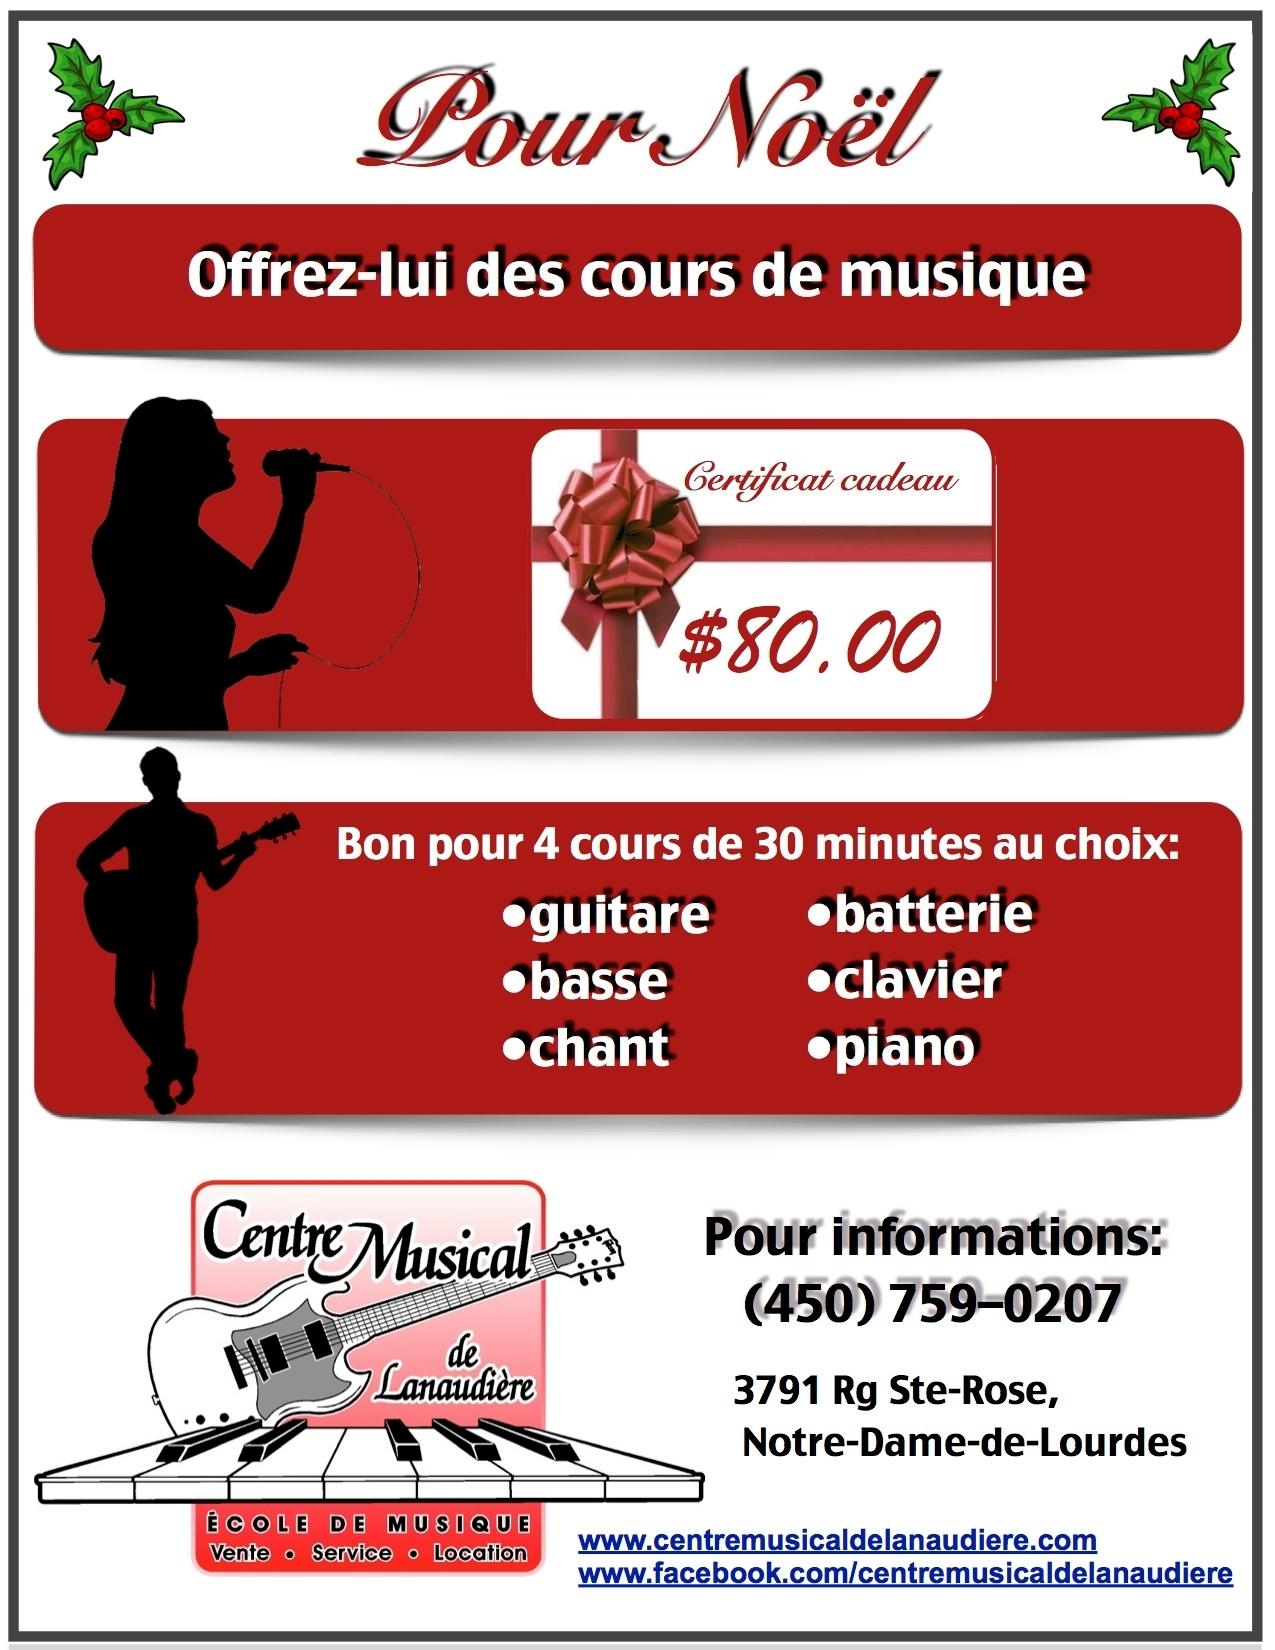 Centre Musical de Lanaudière à Notre-Dame-de-Lourdes